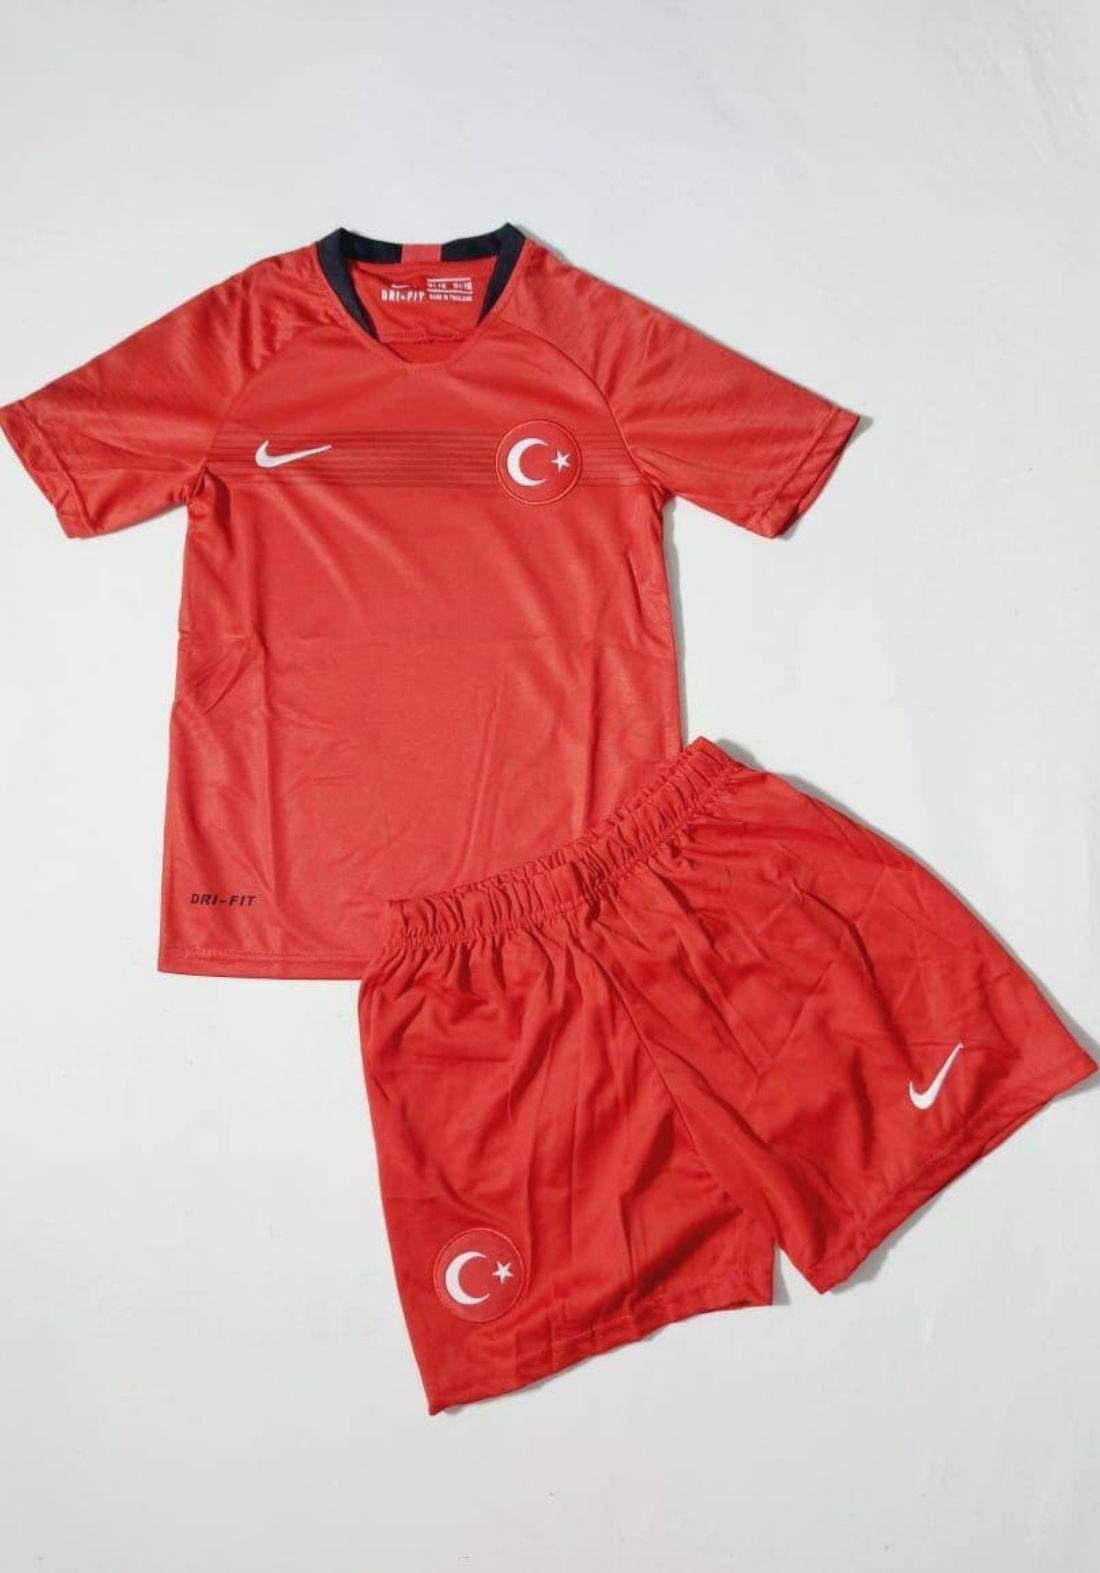 دريس رياضي ولادي المنتخب التركي احمر اللون